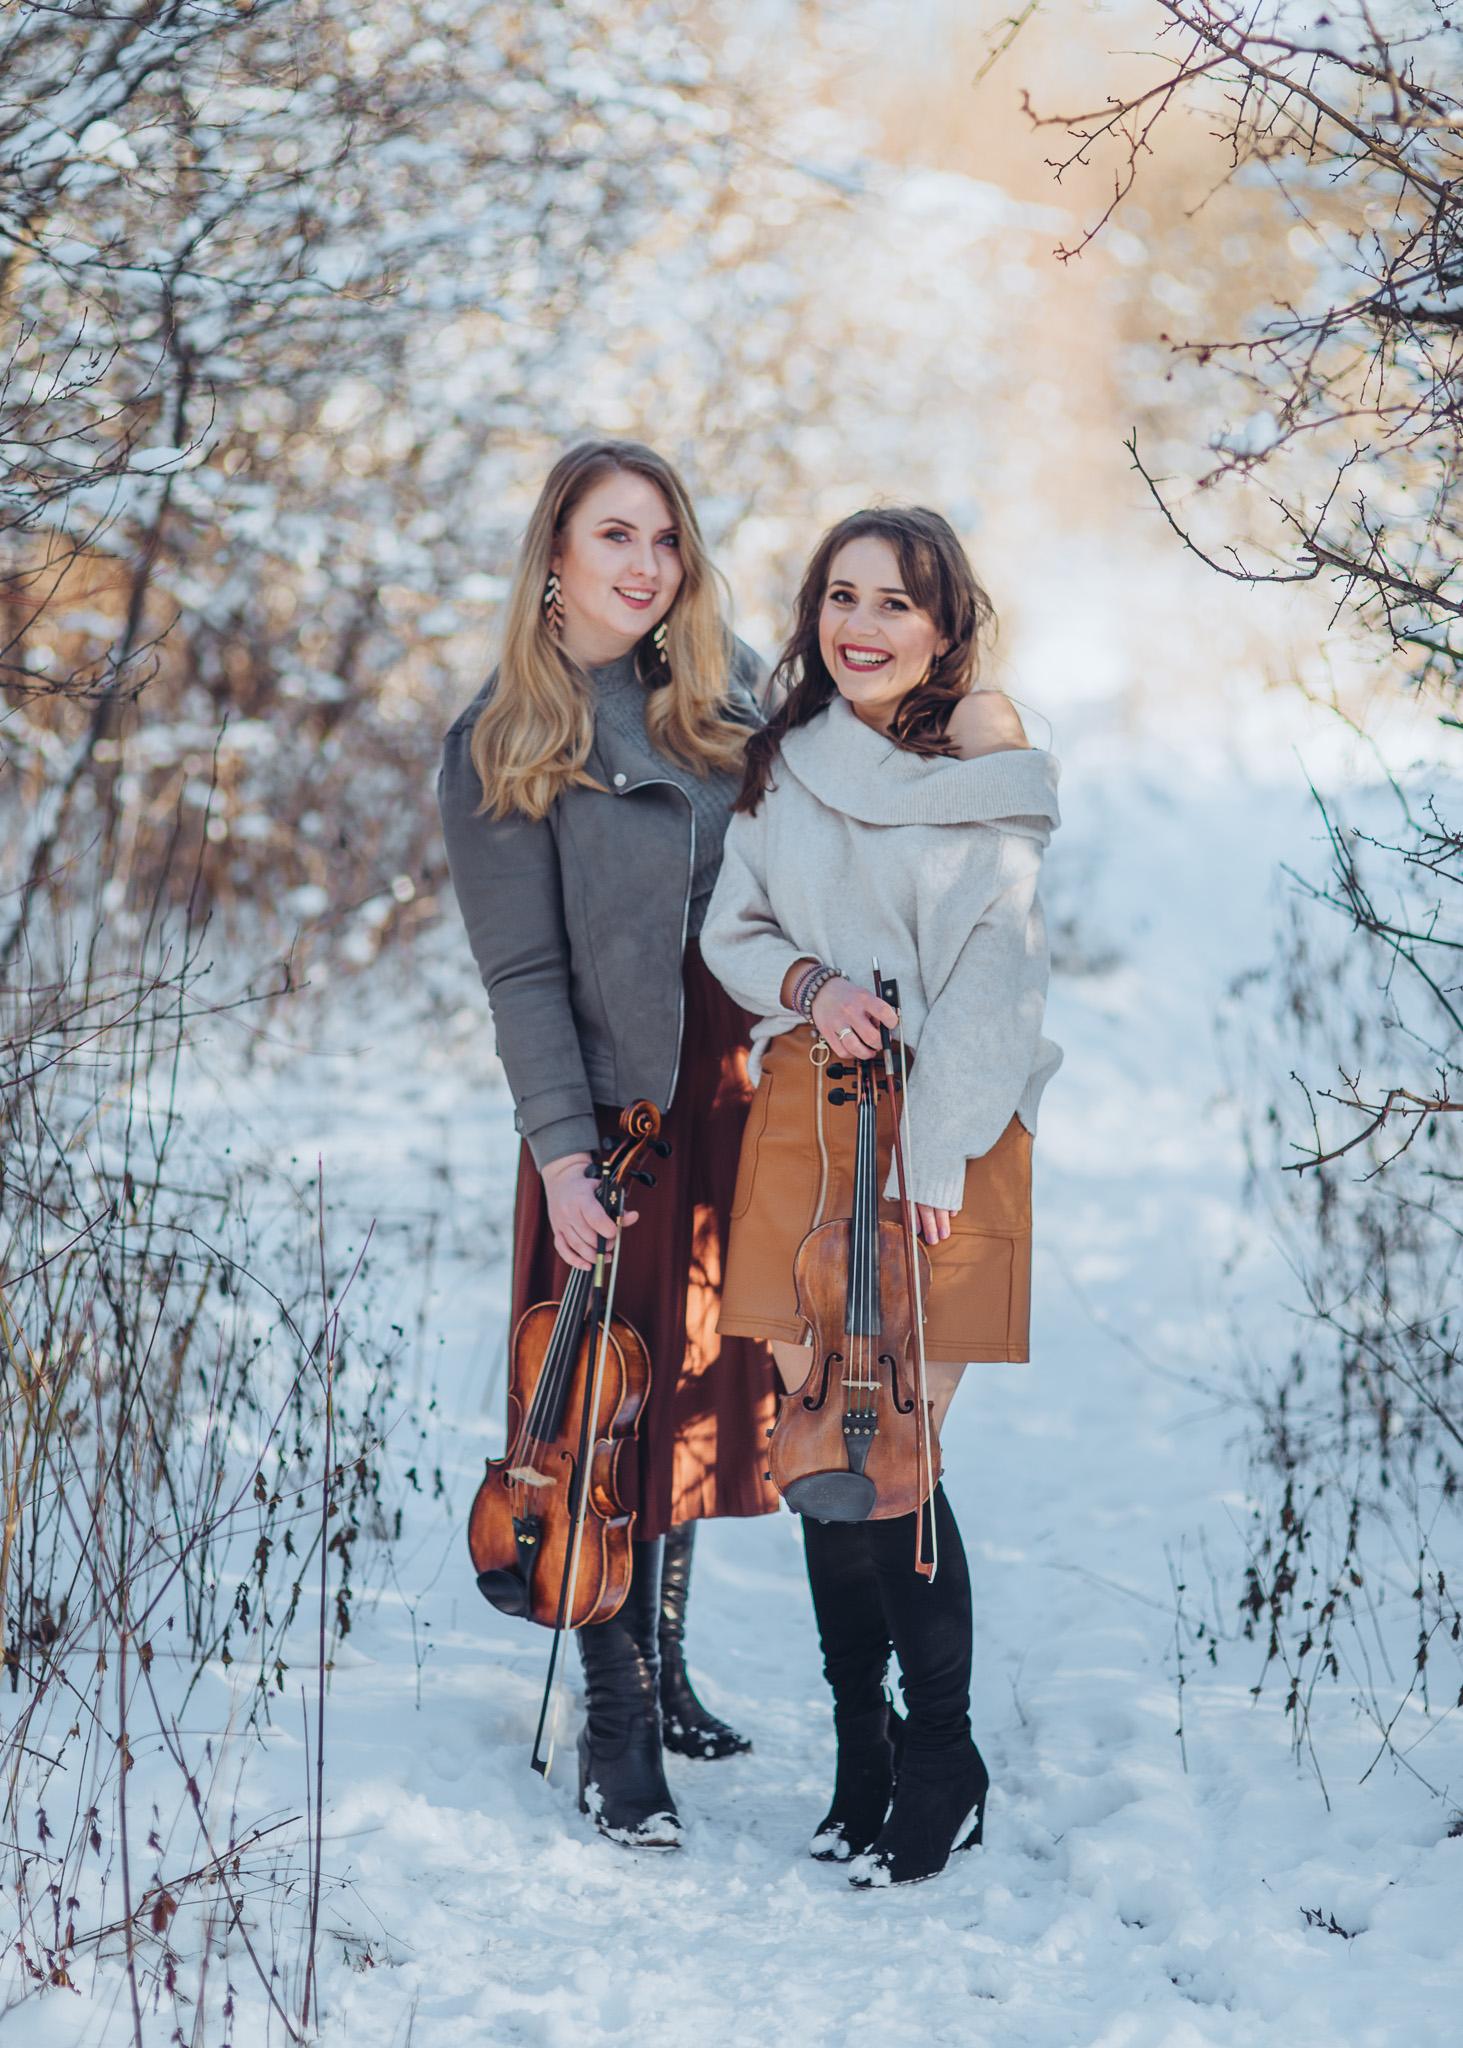 skrzypce fotografia w plenerze zimą